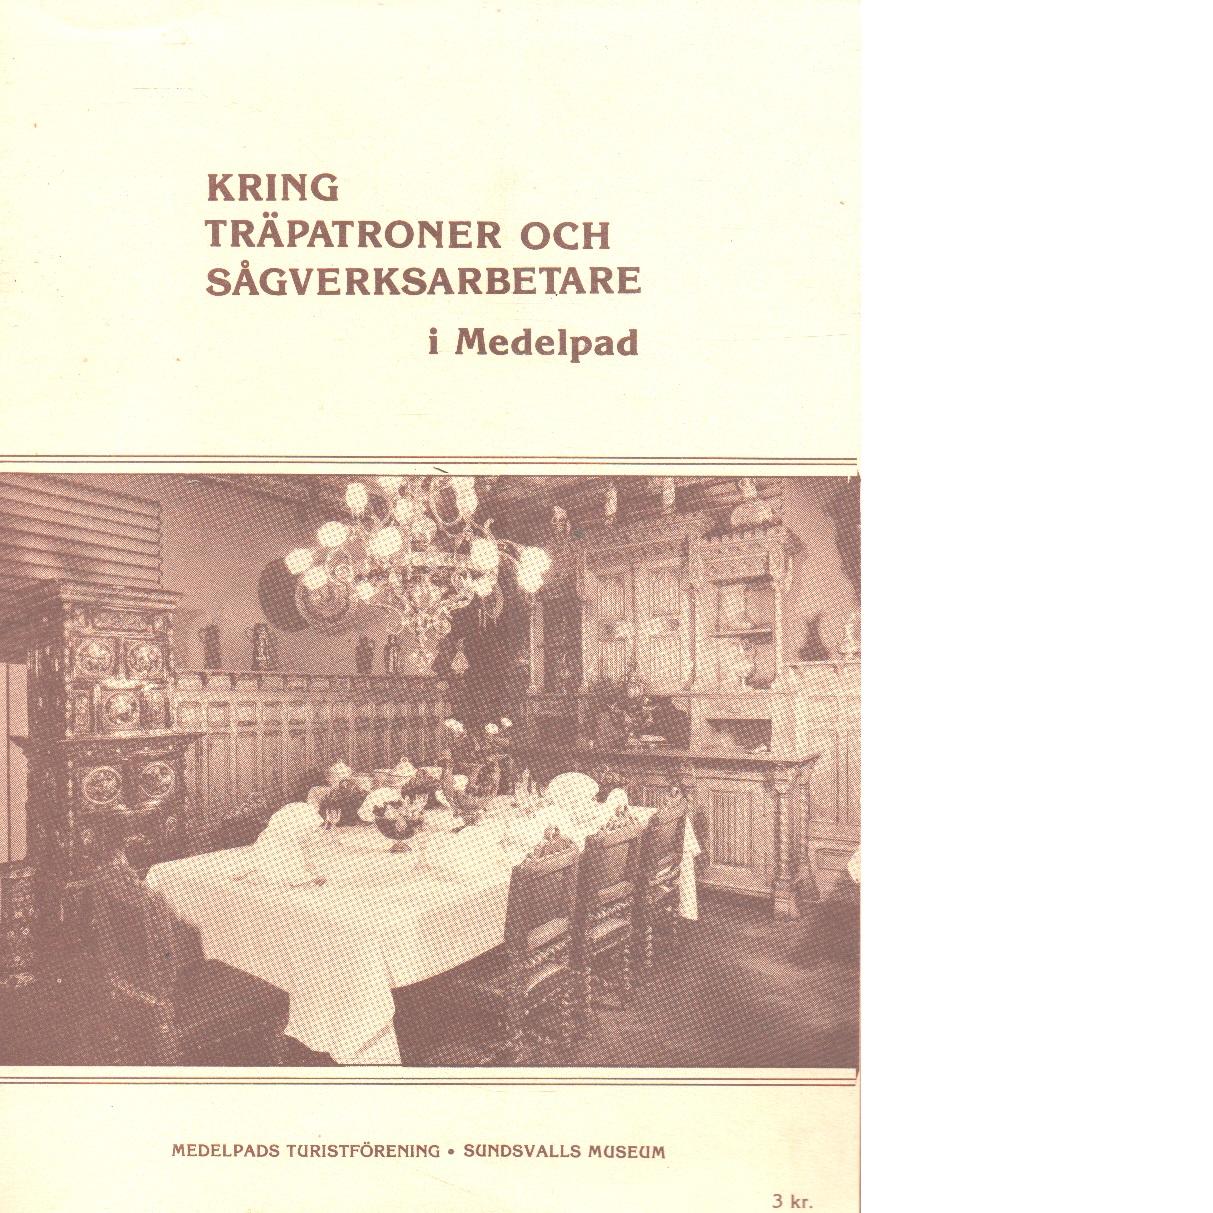 Kring träpatroner och sågverksarbetare i Medelpad - Gullmert-Häger, Lena Och Bergdahl, Nils